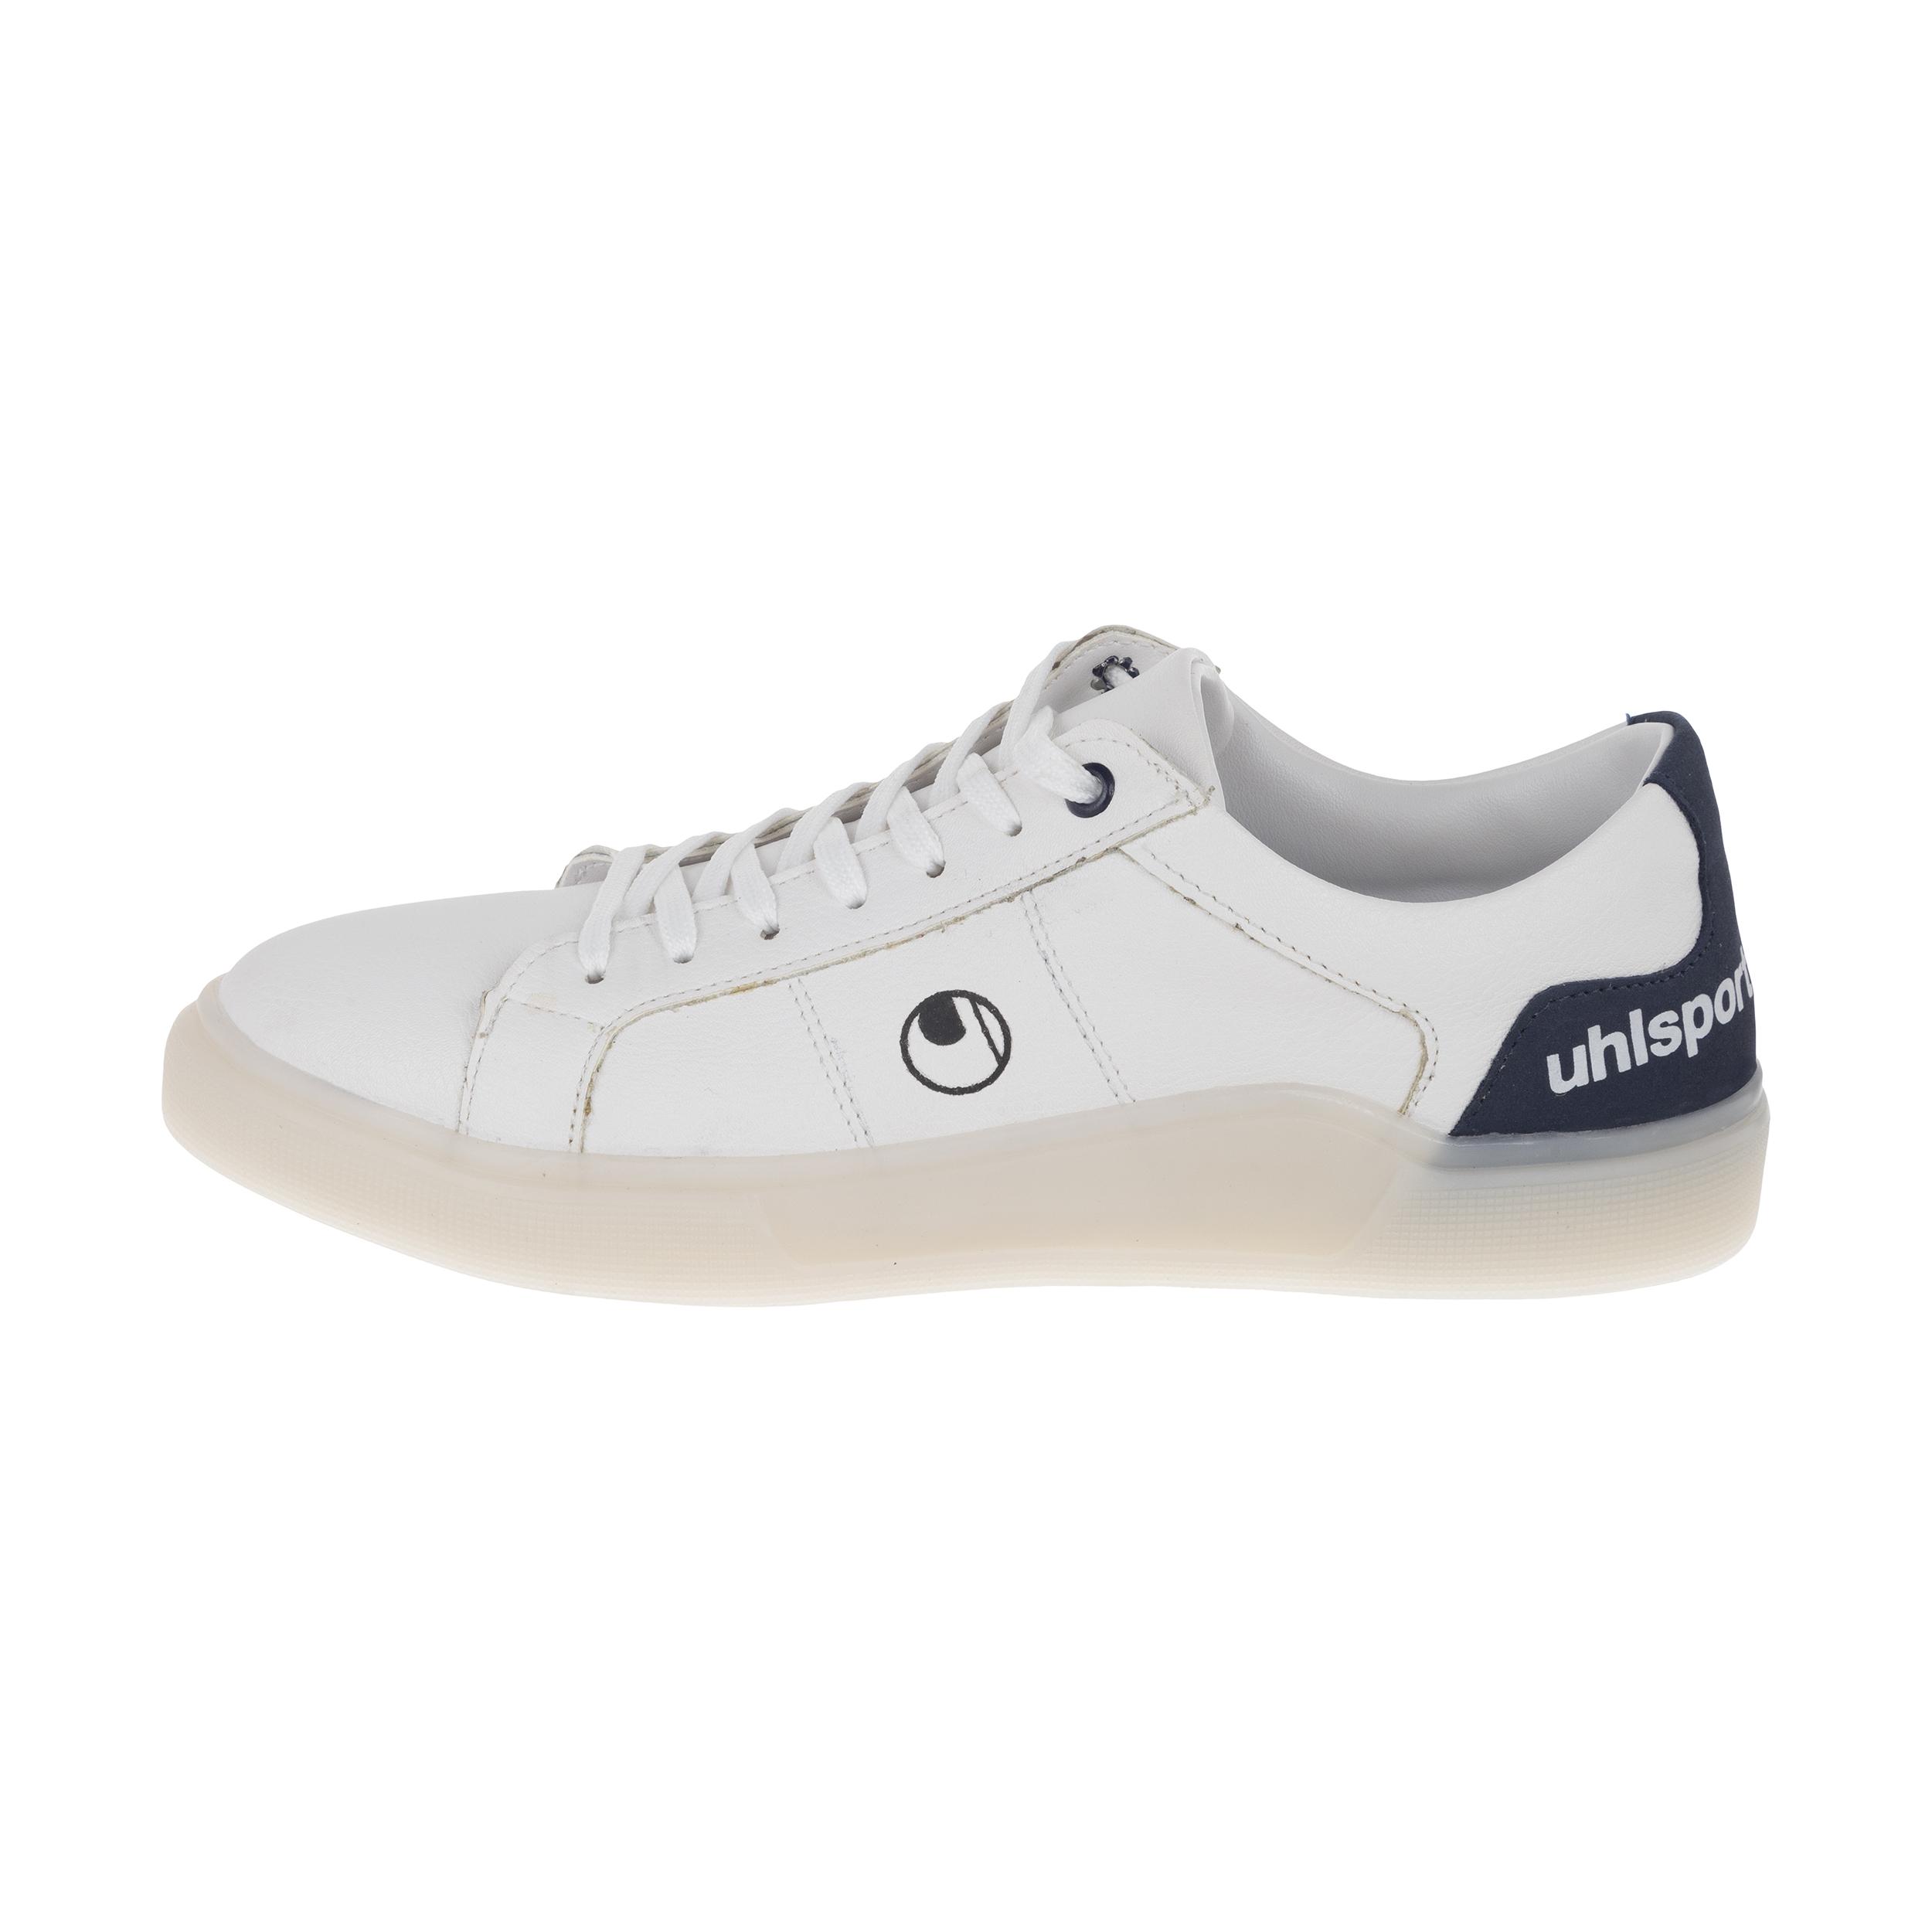 کفش زنانه آلشپرت کد WUH600-002